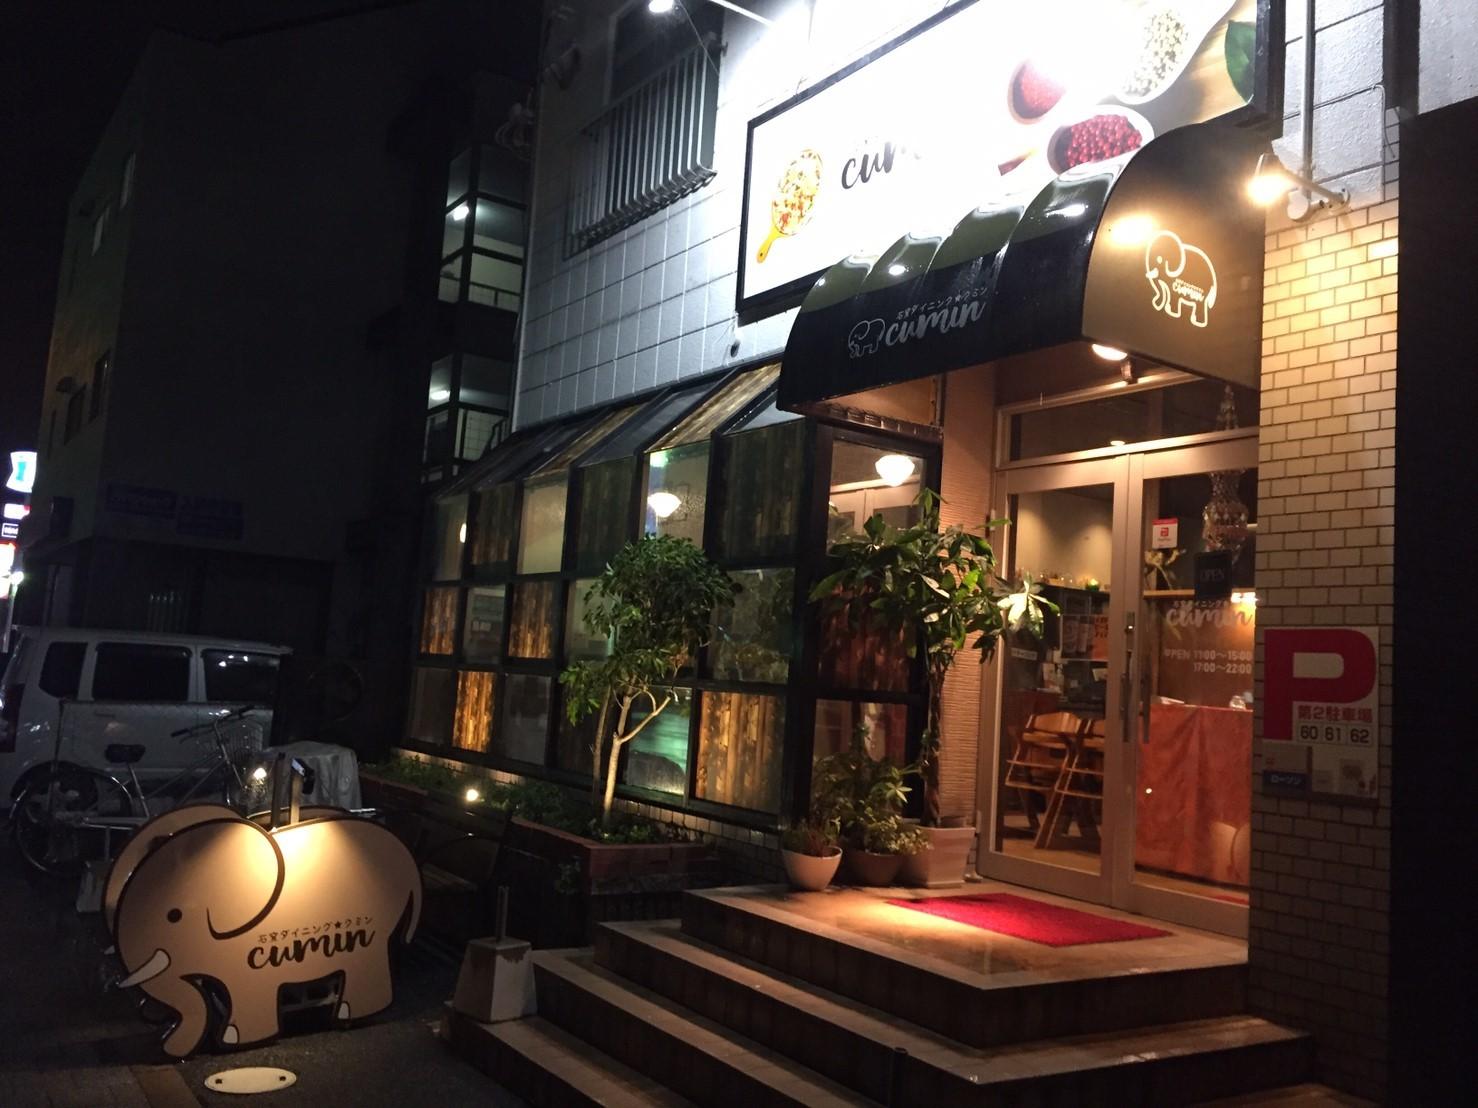 石窯ダイニング cumin  dinner_e0115904_09570156.jpg